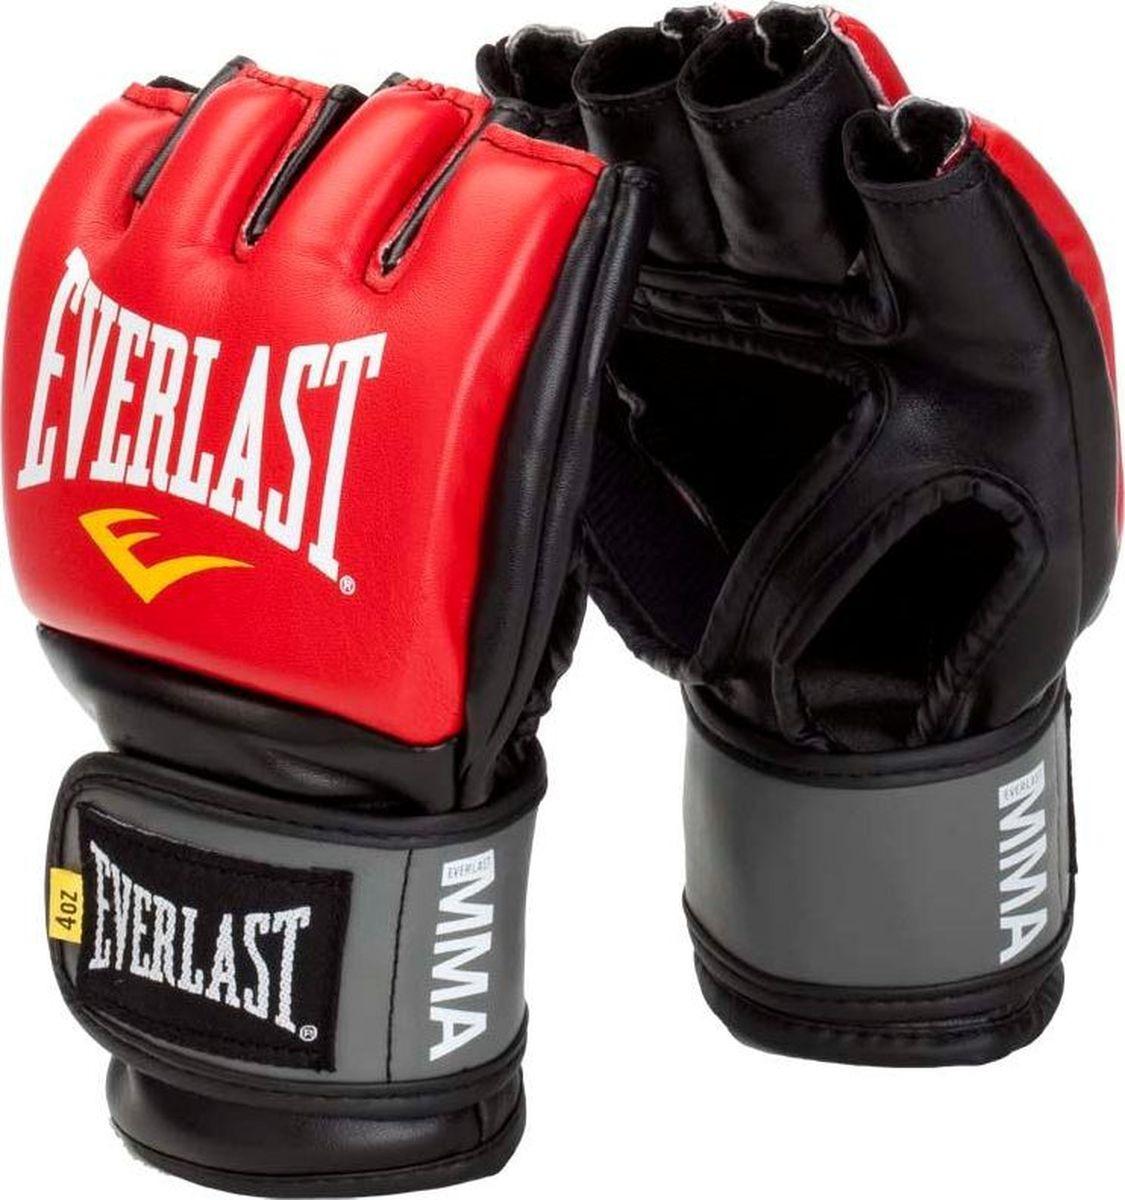 Перчатки для единоборств Everlast Pro Style Grappling, тренировочные, 7778RLXLU, красный, размер L/XL цена